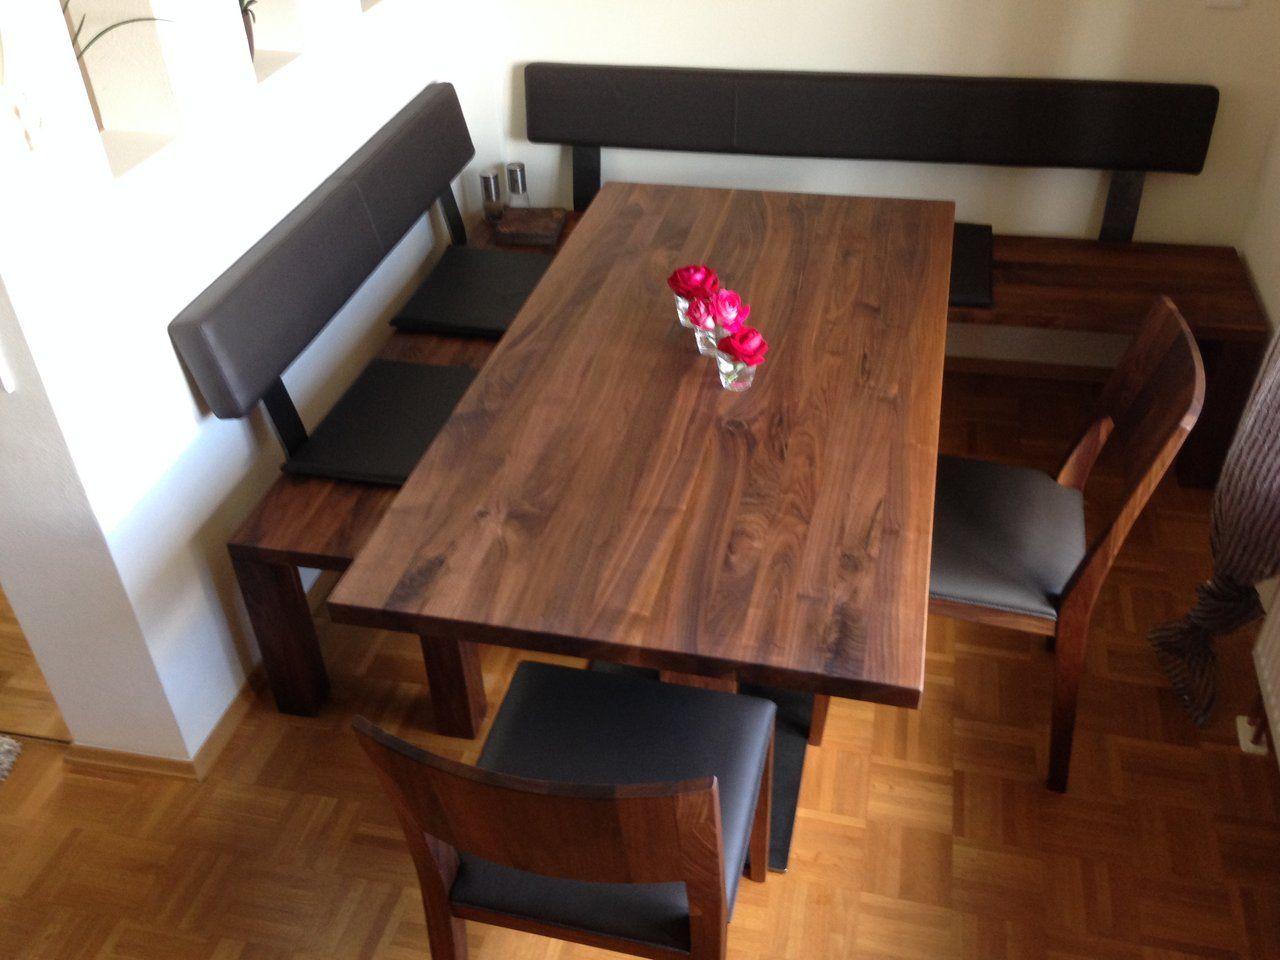 amerikanischer Nussbaum massiv Eckbank Tisch und Sthle